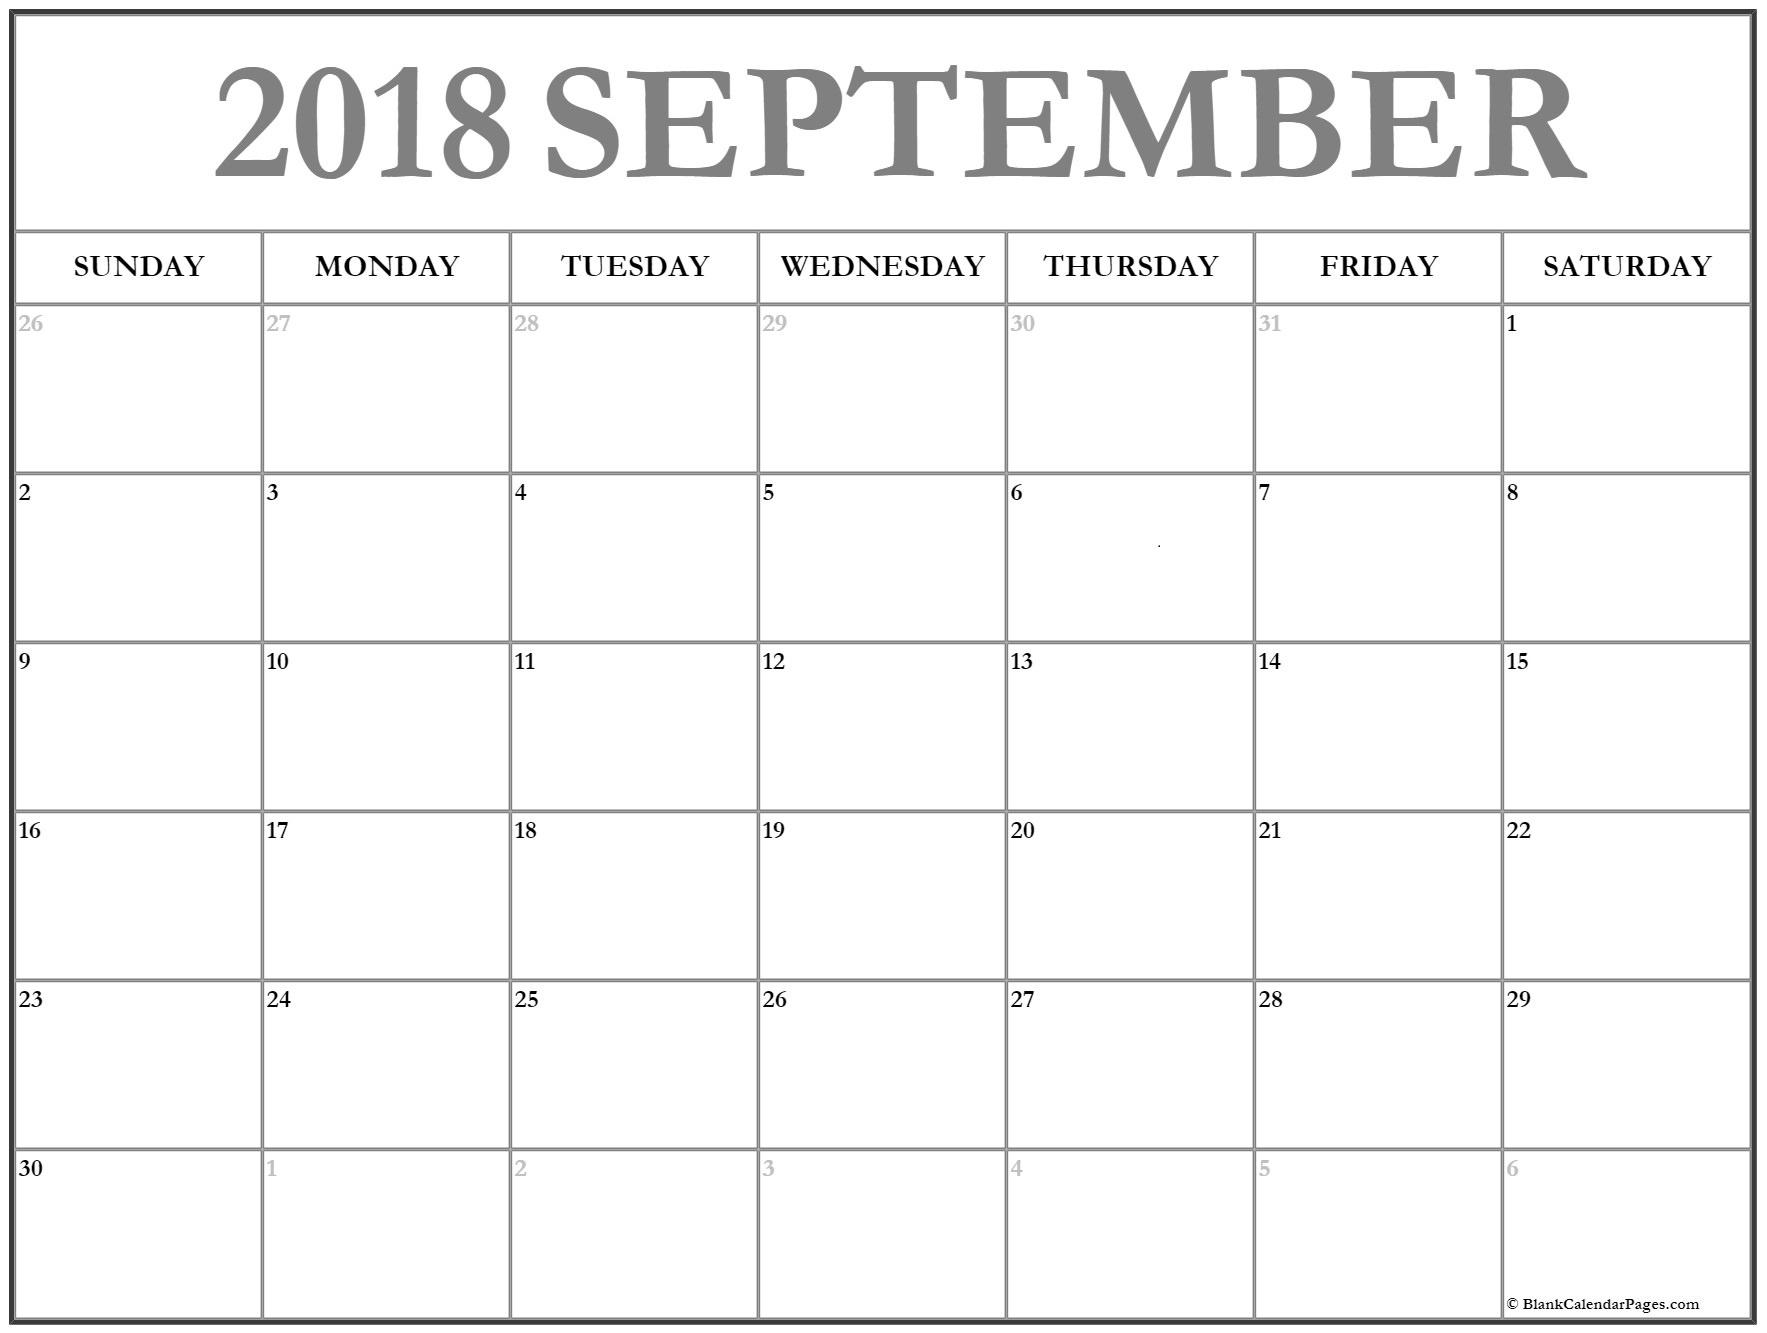 September 2018 – Template Calendar Design